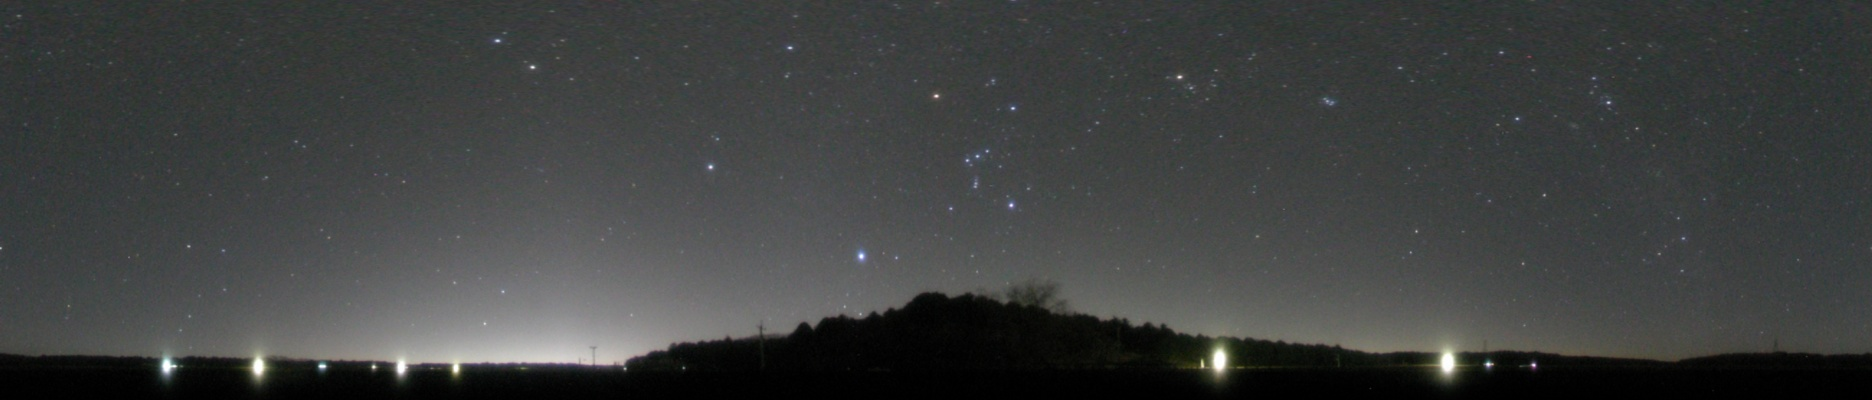 360°パノラマ星景写真 2007年12月15日 水戸市有賀町かたくりの里公園にて